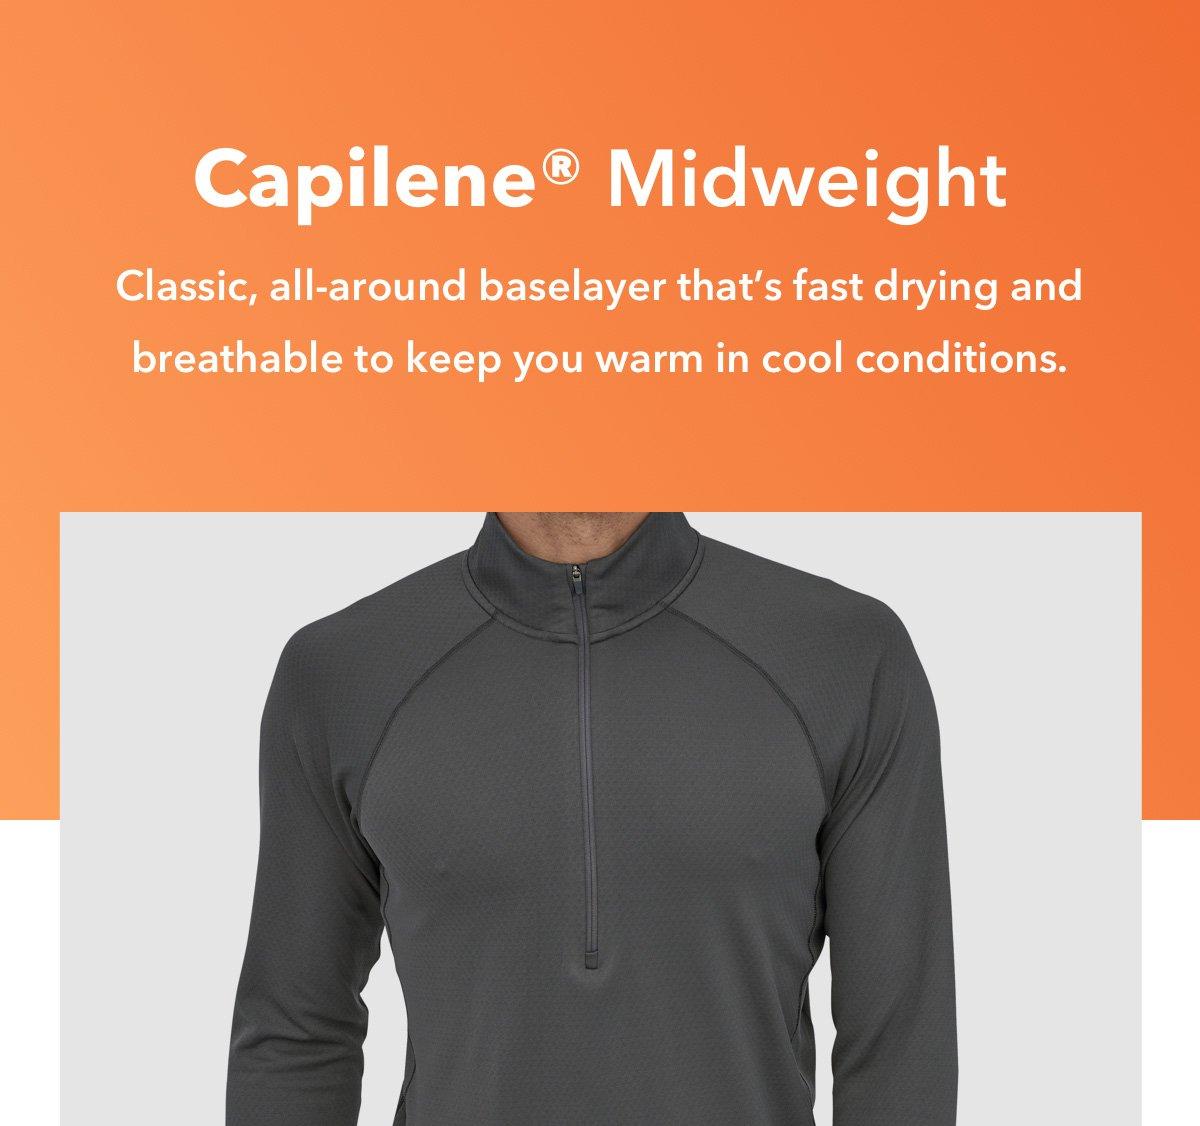 Patagonia Capilene® Midweight Men's